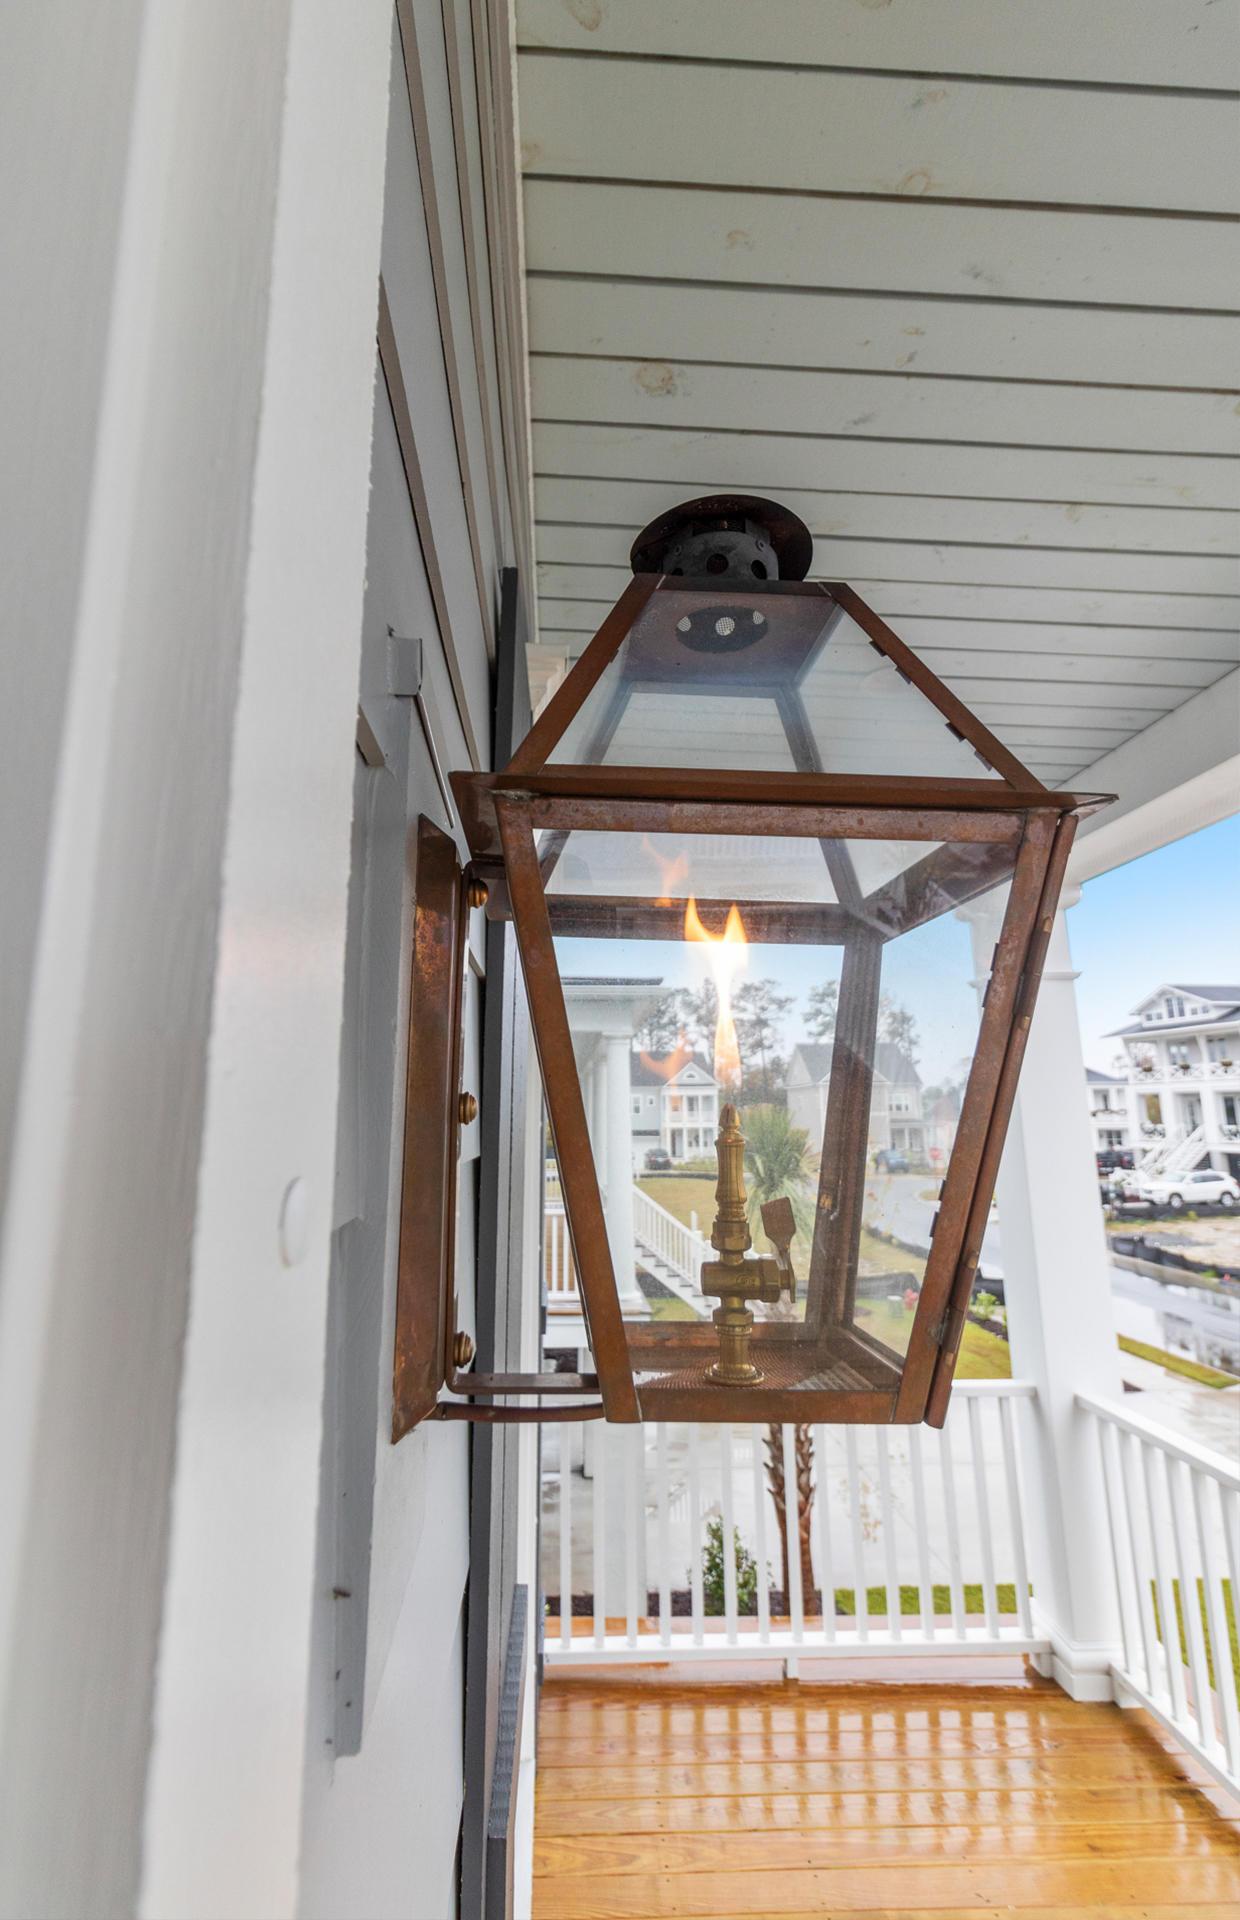 Dunes West Homes For Sale - 2697 Dutchman, Mount Pleasant, SC - 21